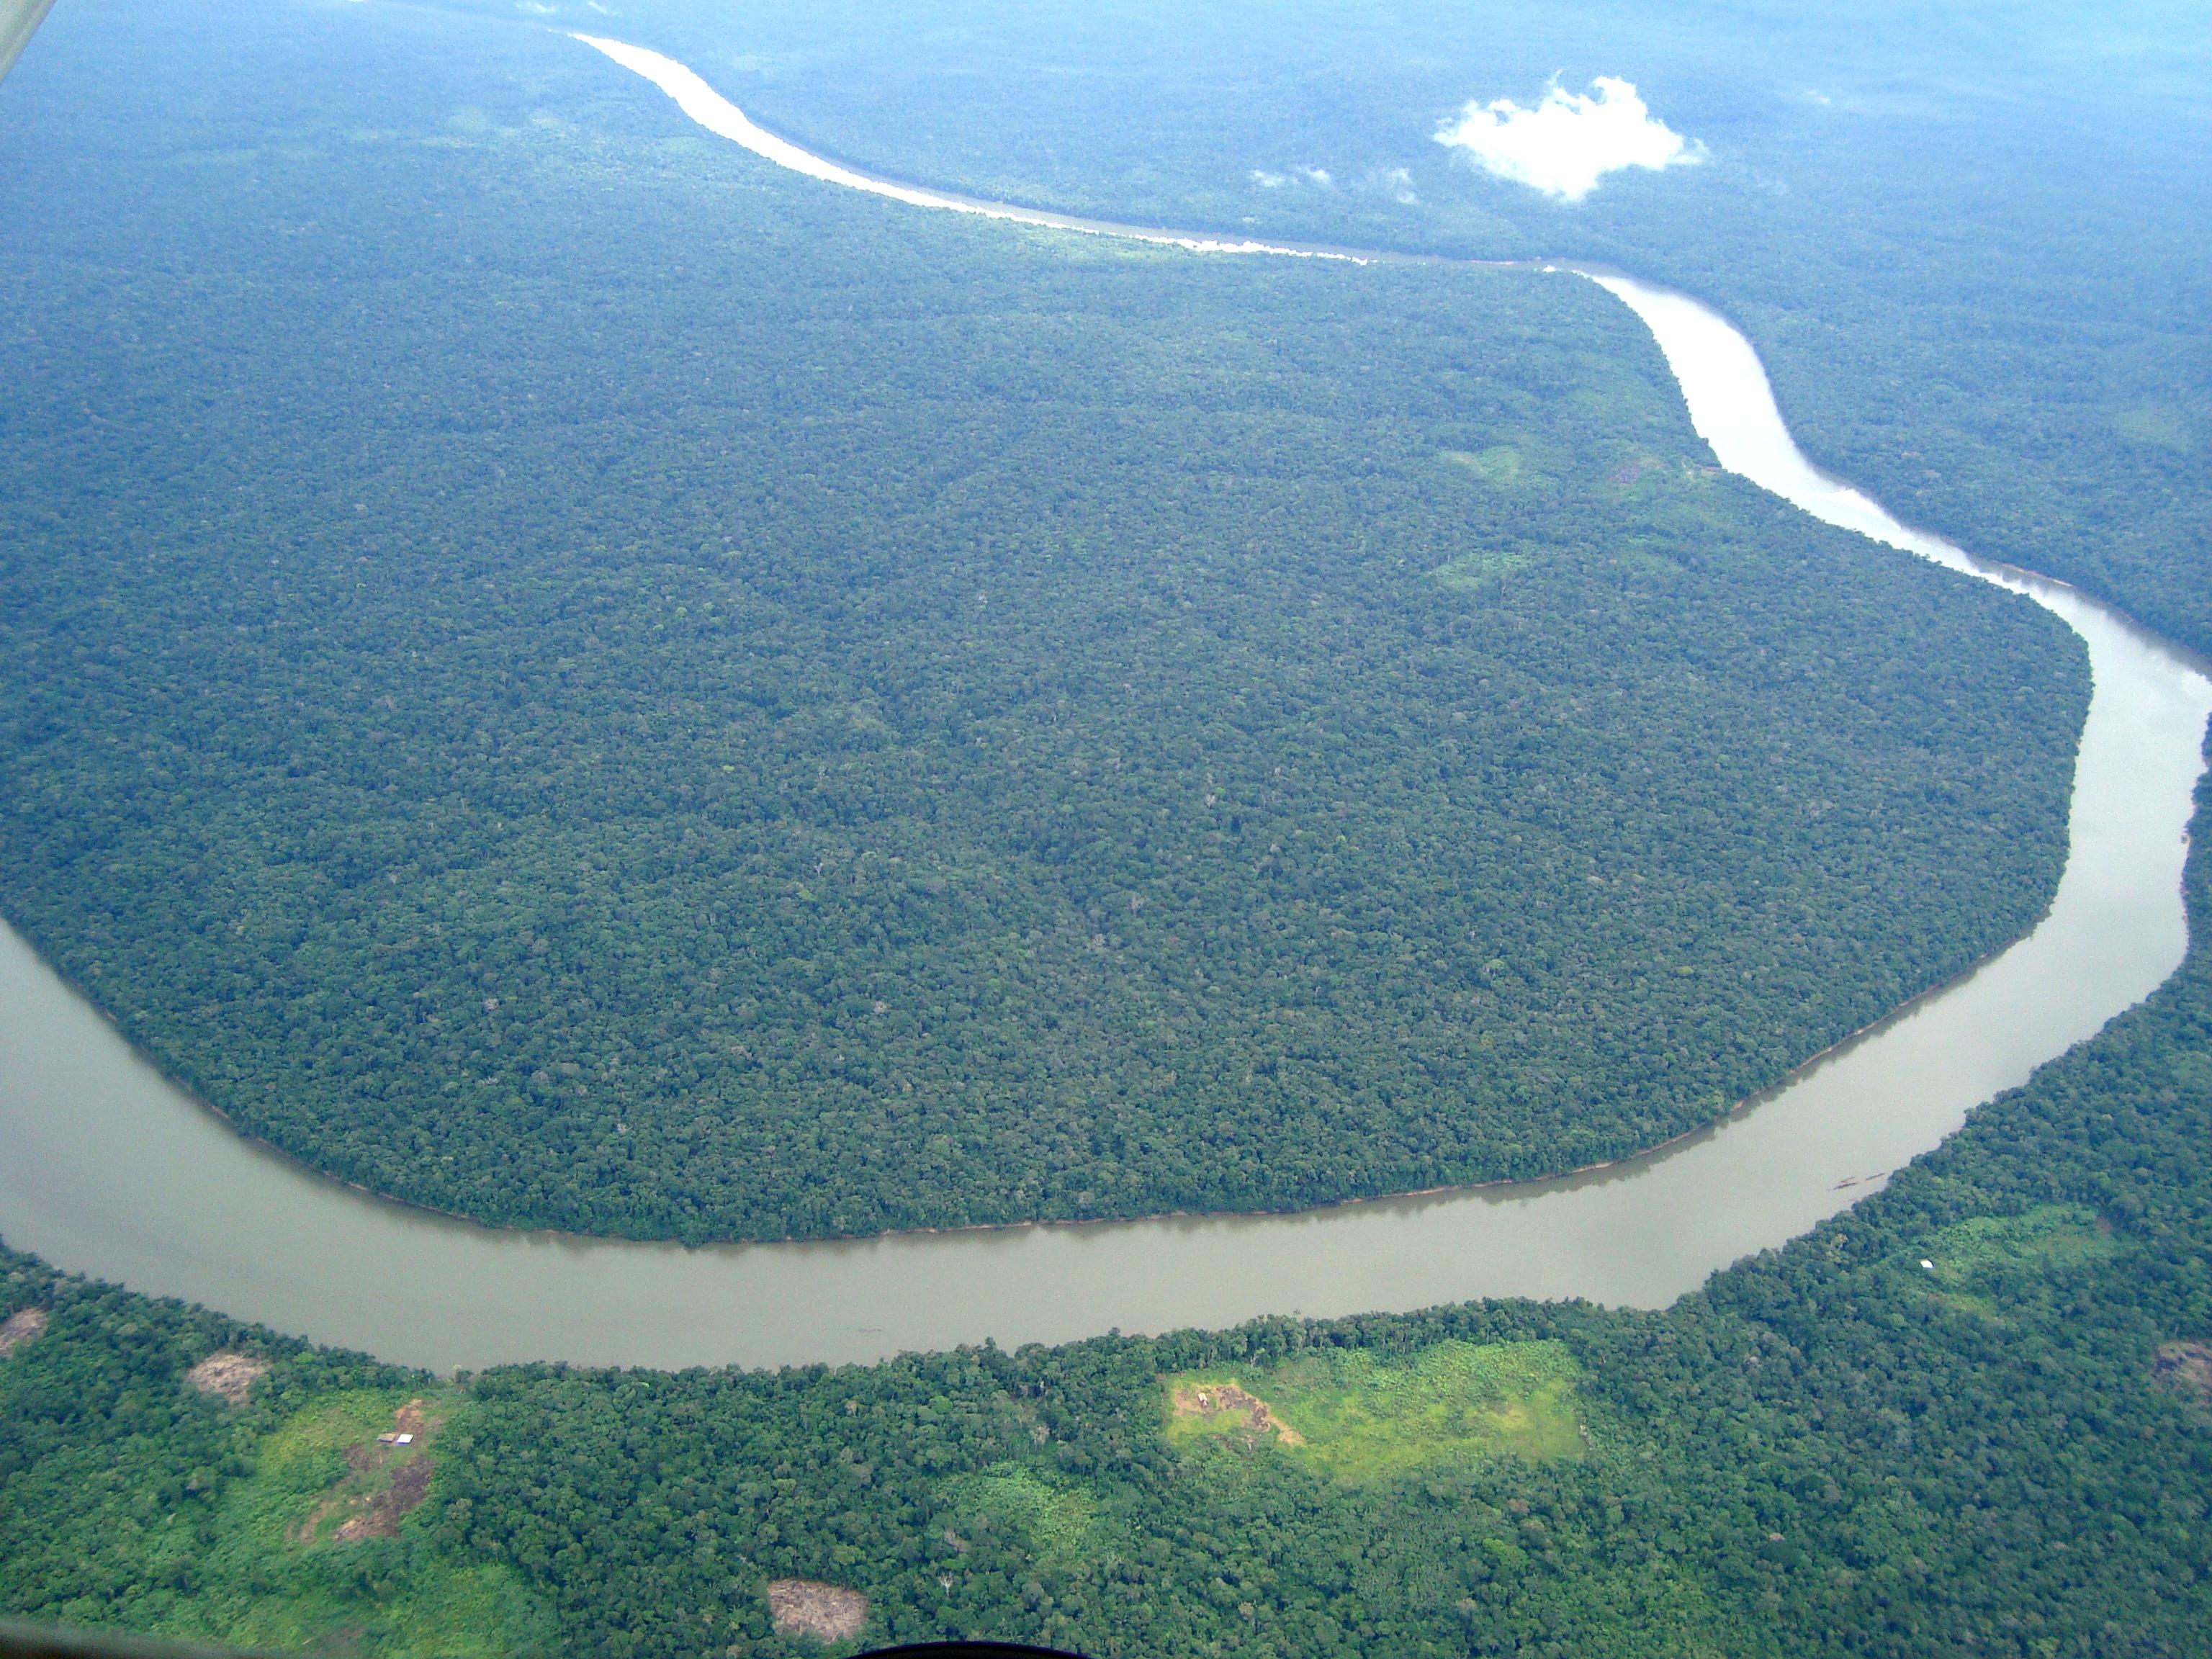 【ブラジル】英女性冒険家、カヤックでアマゾン川下り中に射殺される